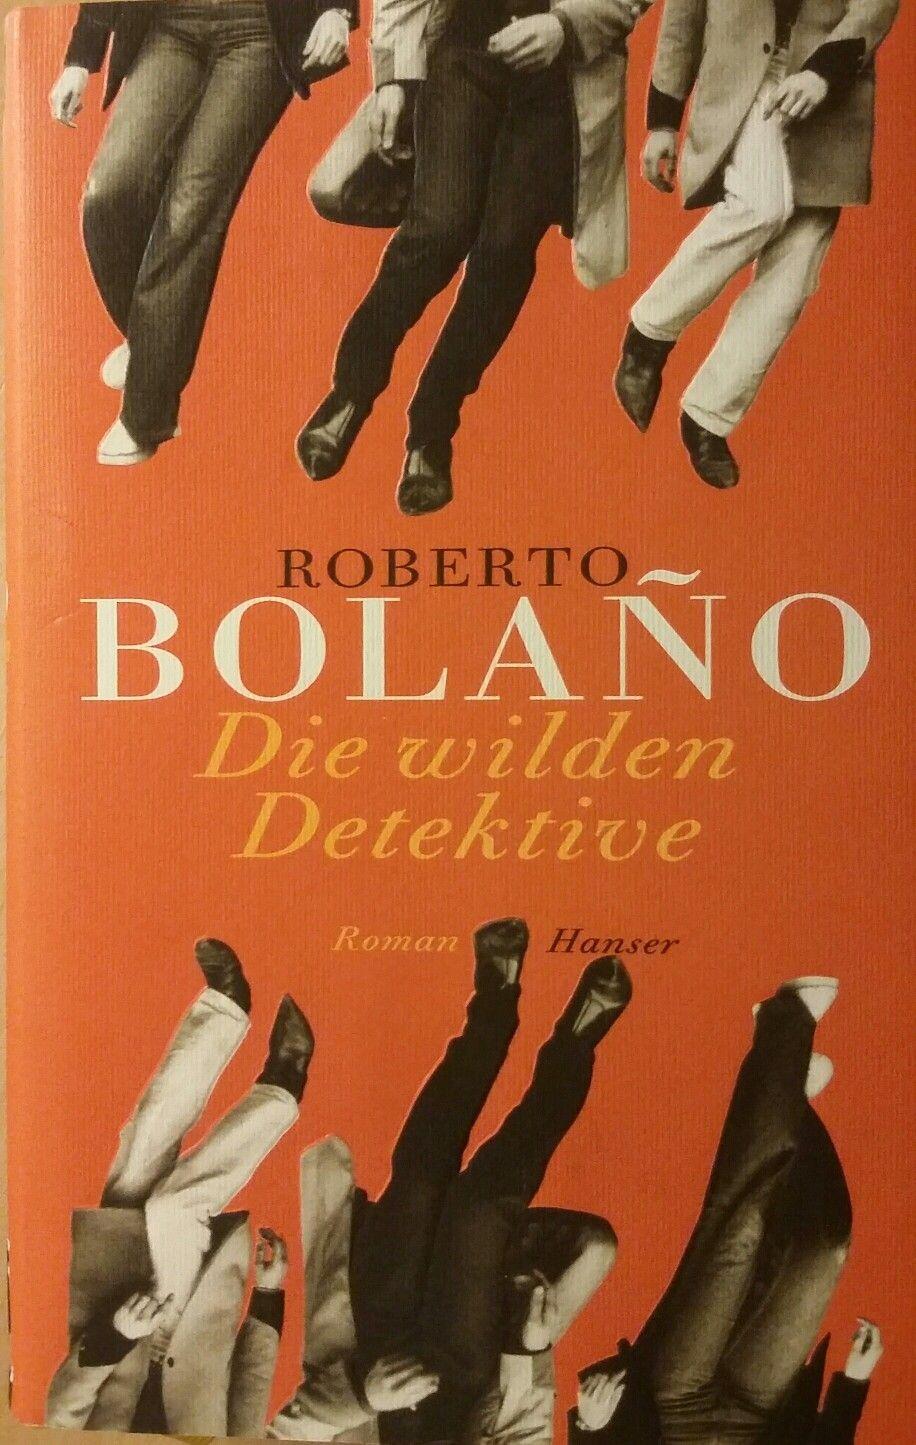 Die wilden Detektive von Roberto Bolaño